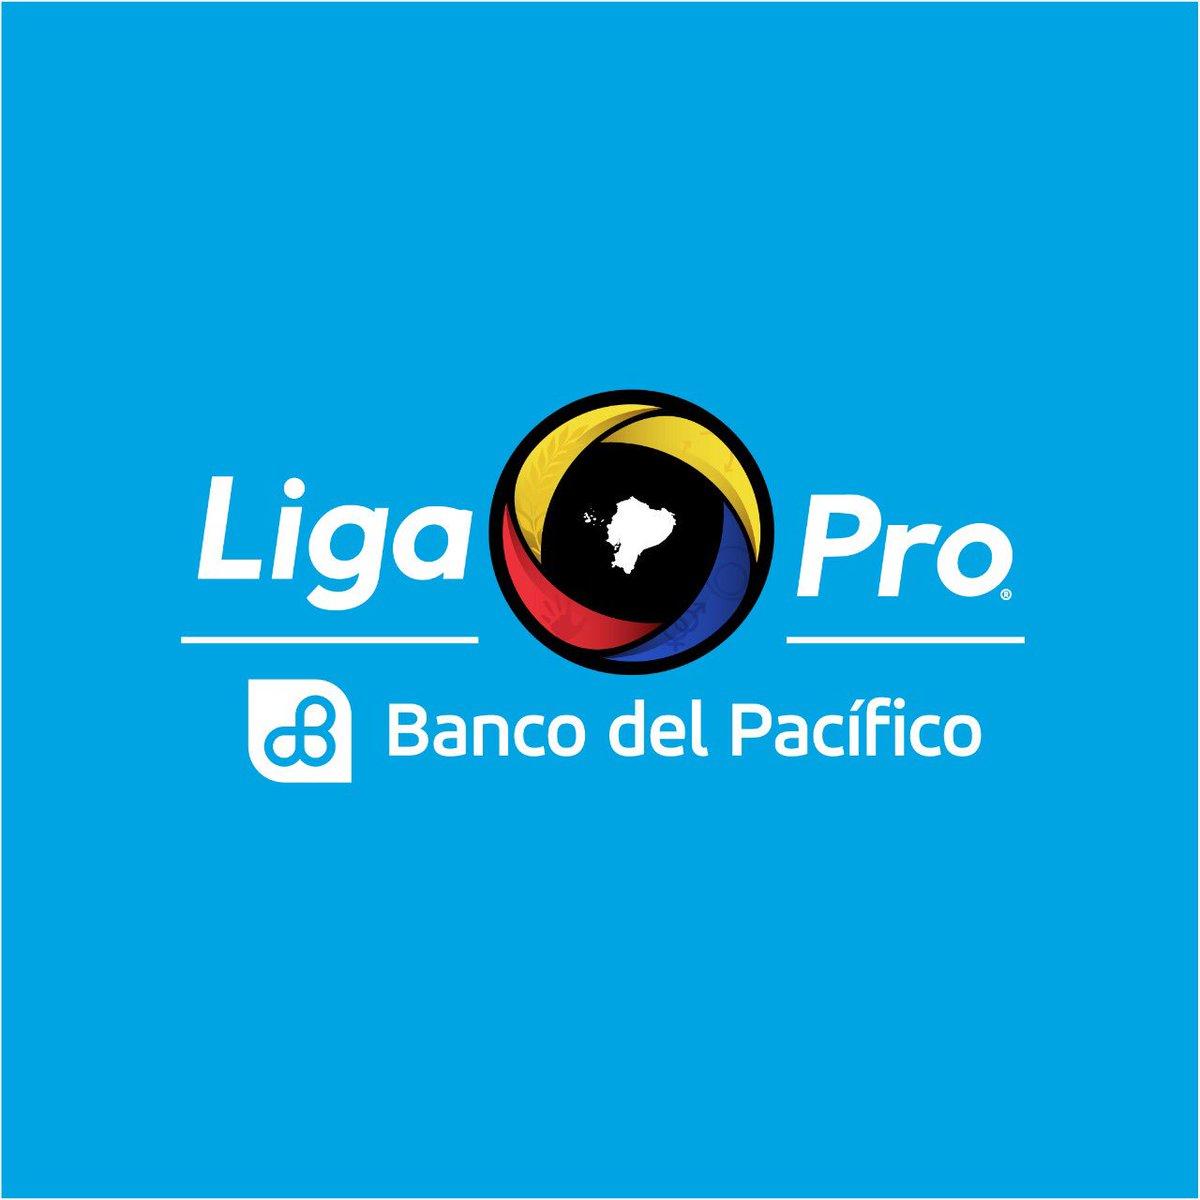 Comunicado Oficial:  Repartición de Cupos Internacionales 🏆 ▶️ https://n9.cl/5VcY #LigaProBdP 🇪🇨🤝⚽️